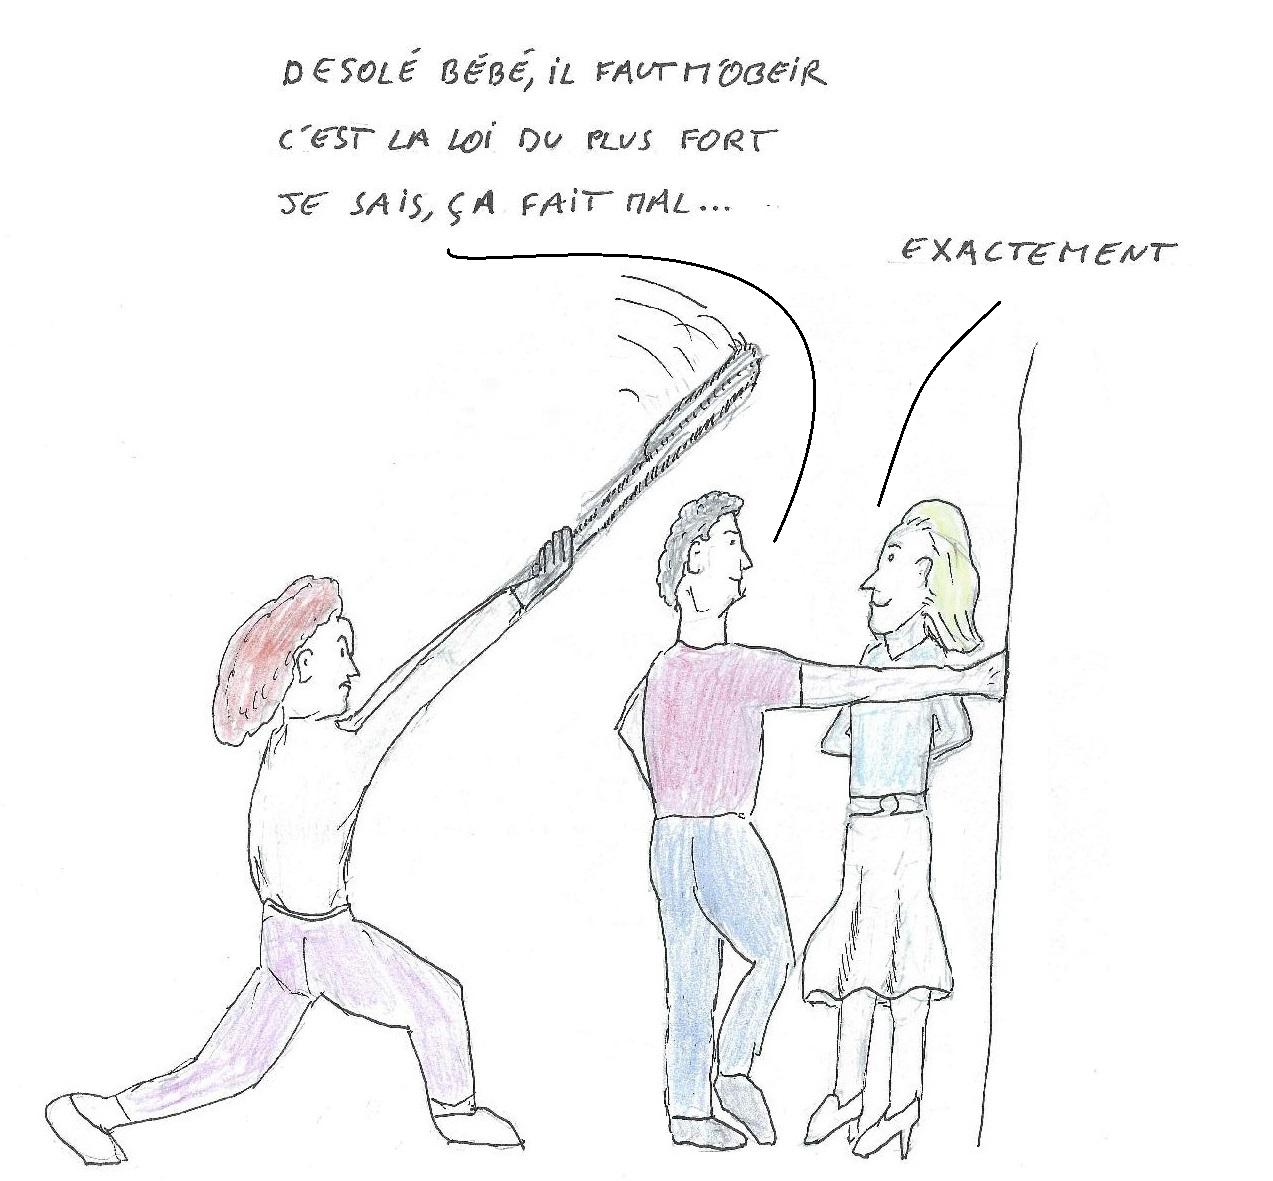 loi_du_plus_fort-page-001